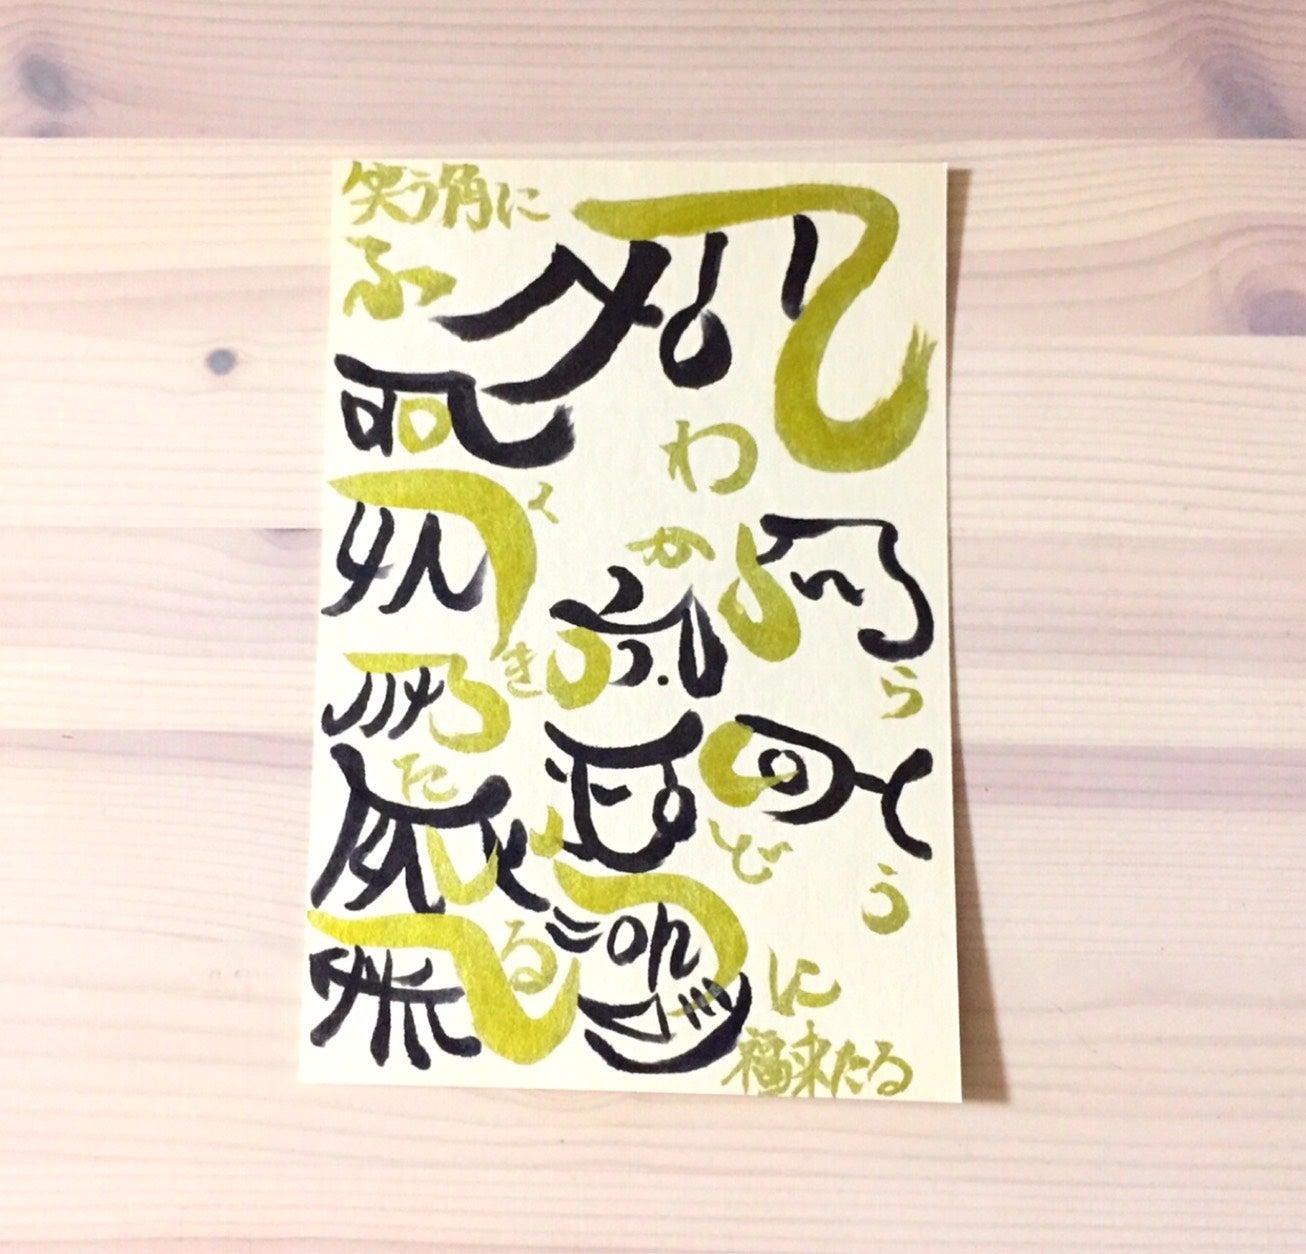 笑う門には福来る 吉日 龍体文字 霊視経営コンサルタント公式サイト